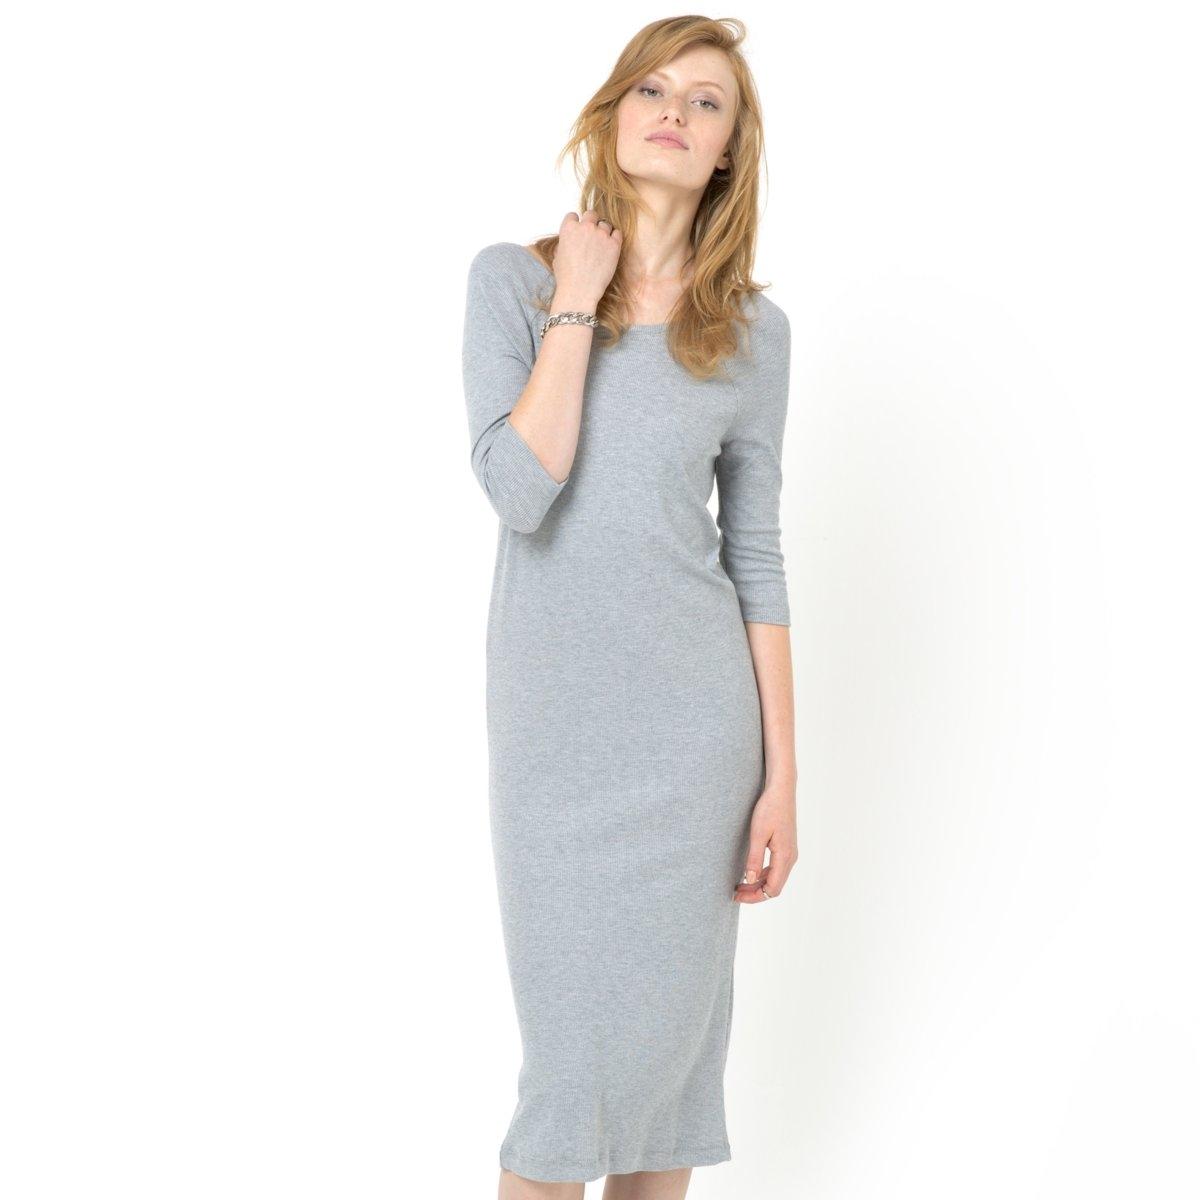 Платье-футболкаТрикотажное платье-футболка. Круглый вырез. Большой вырез сзади. Рукава реглан.Рукава 3/4. 78% вискозы, 20% полиэстера, 2% эластана. Длина до середины икры<br><br>Цвет: серый меланж